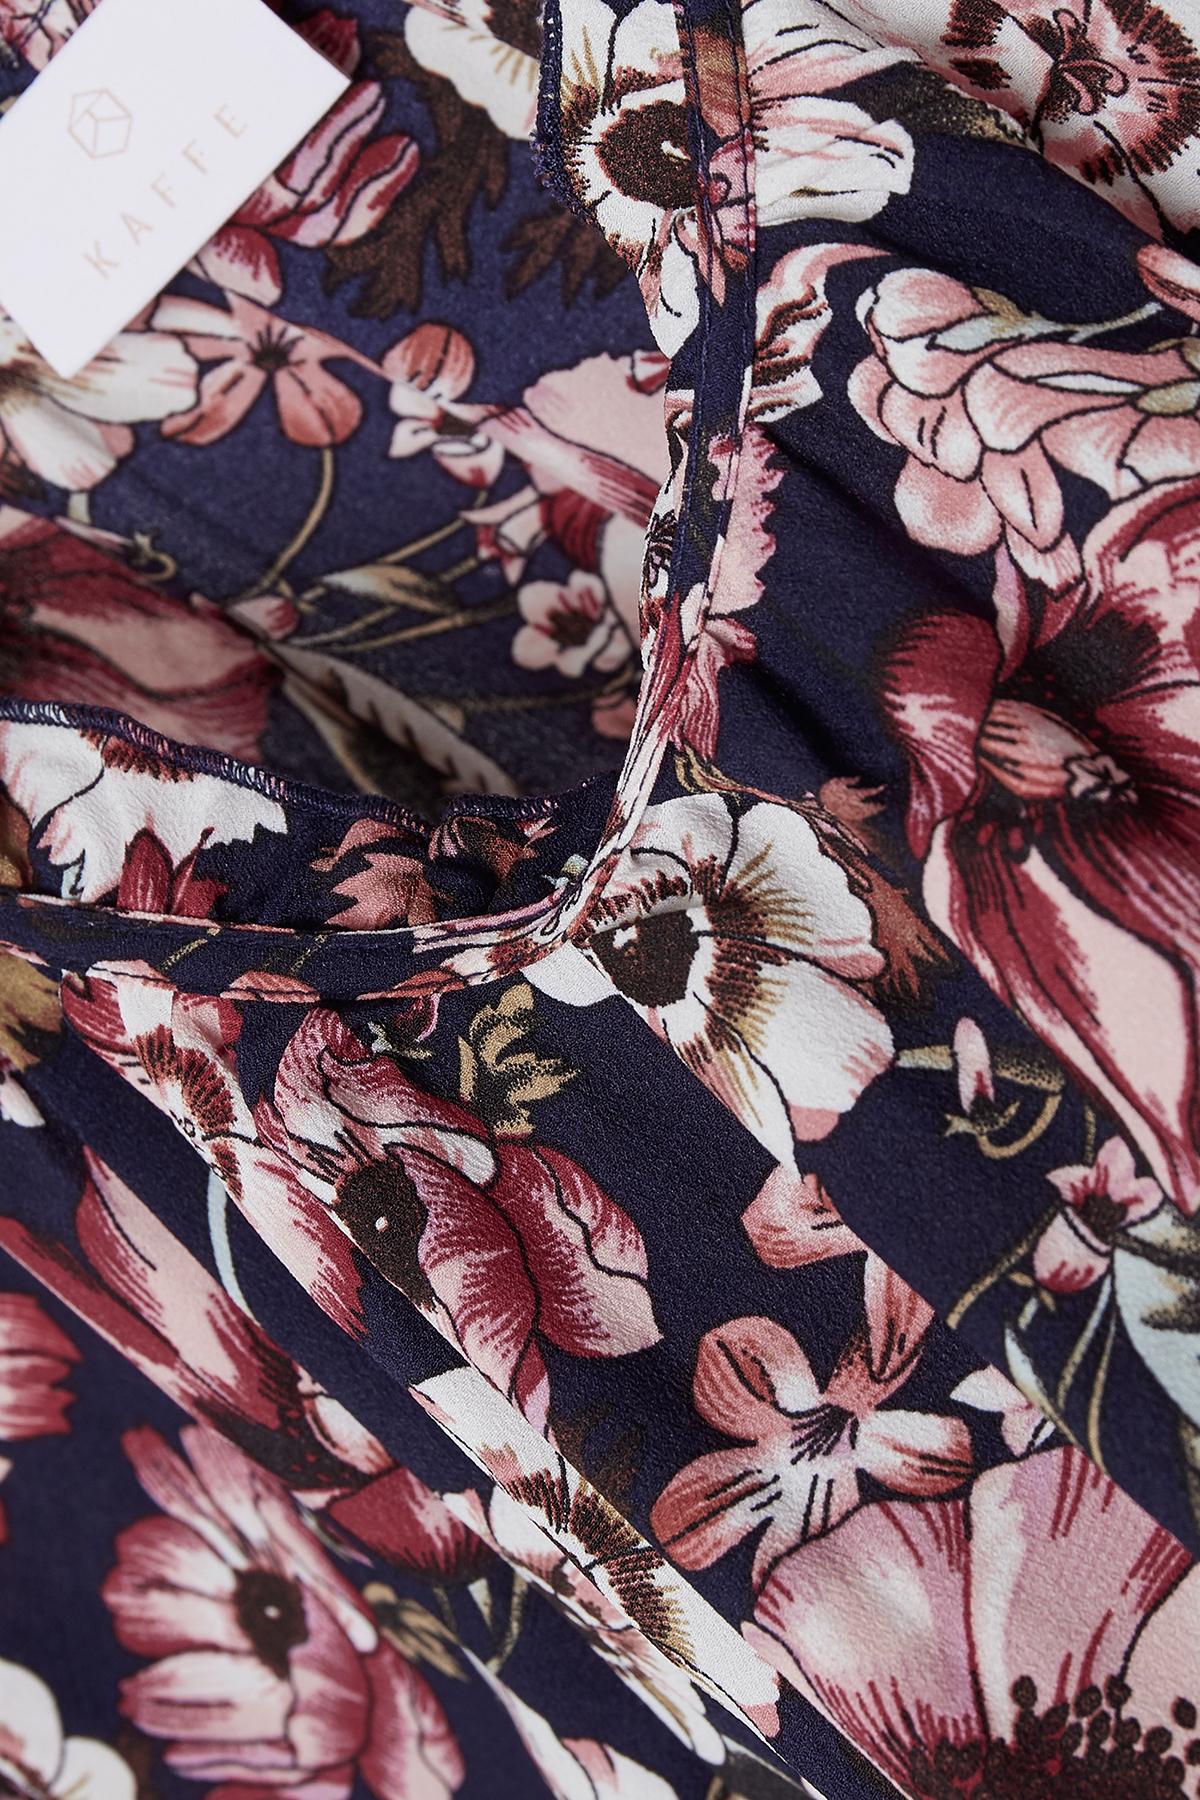 Rosa/marineblau Langarm-Bluse von Kaffe – Shoppen Sie Rosa/marineblau Langarm-Bluse ab Gr. 34-46 hier